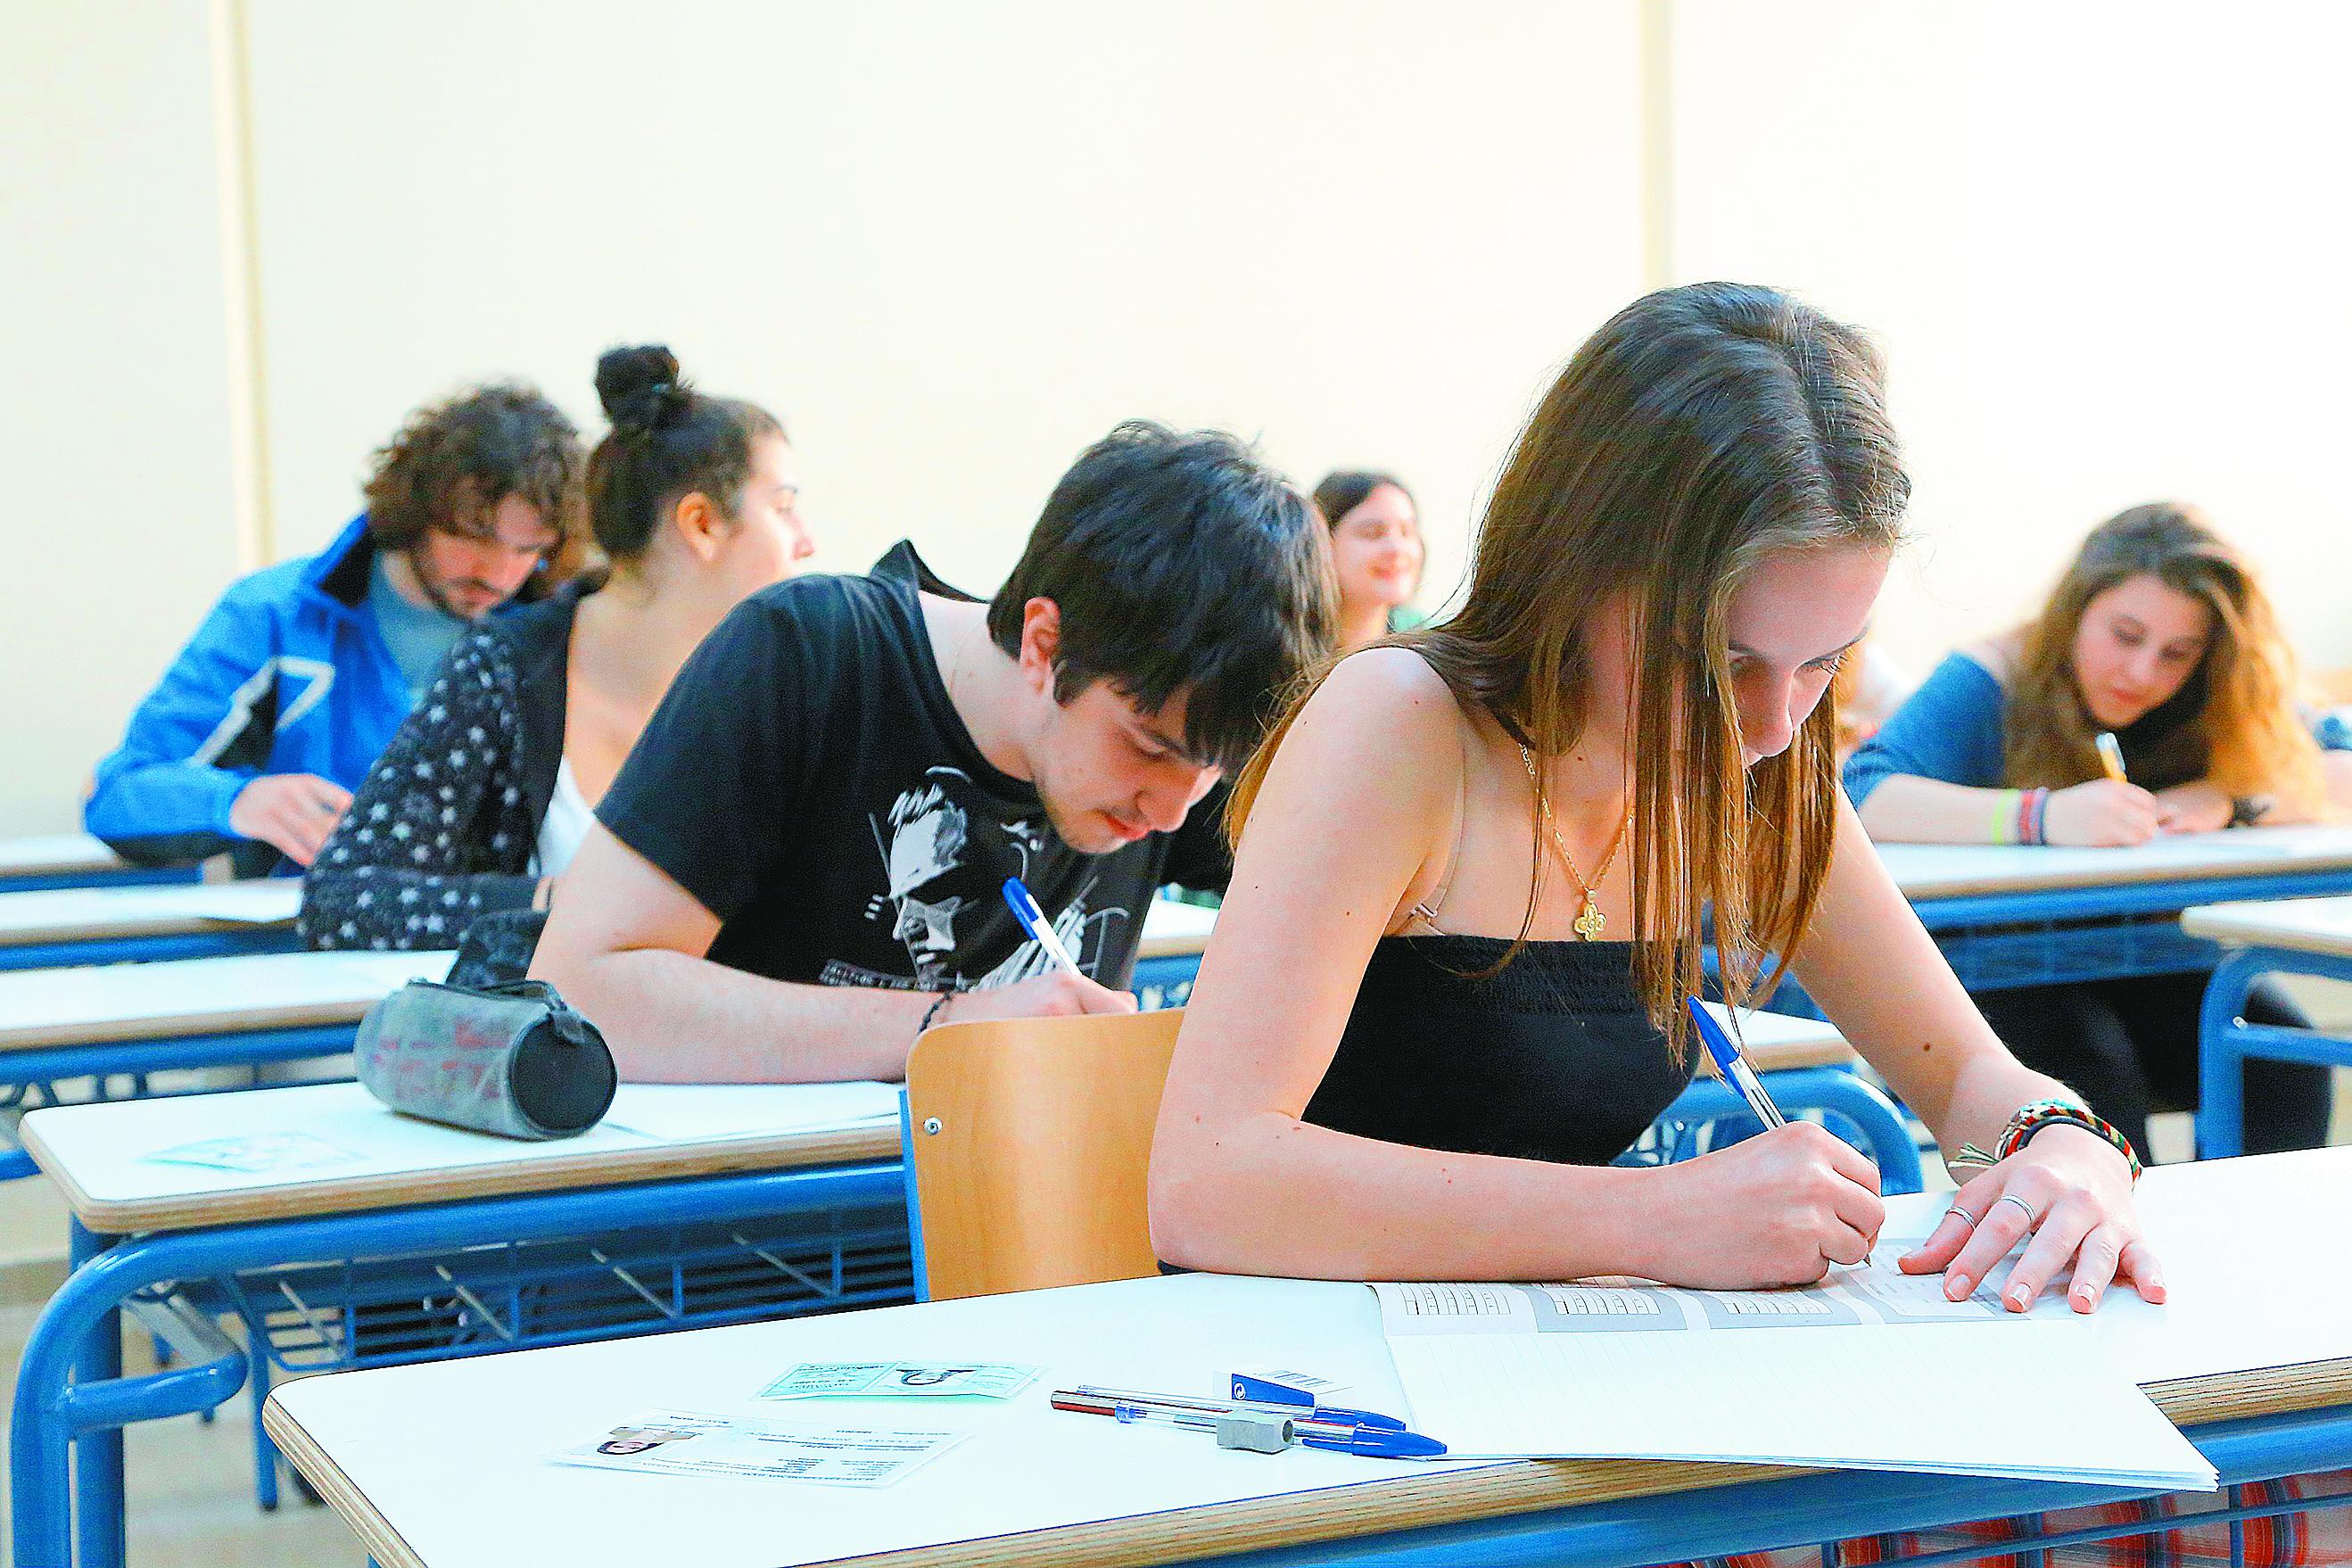 Πρεμιέρα των πανελλαδικών εξετάσεων την Δευτέρα   tovima.gr